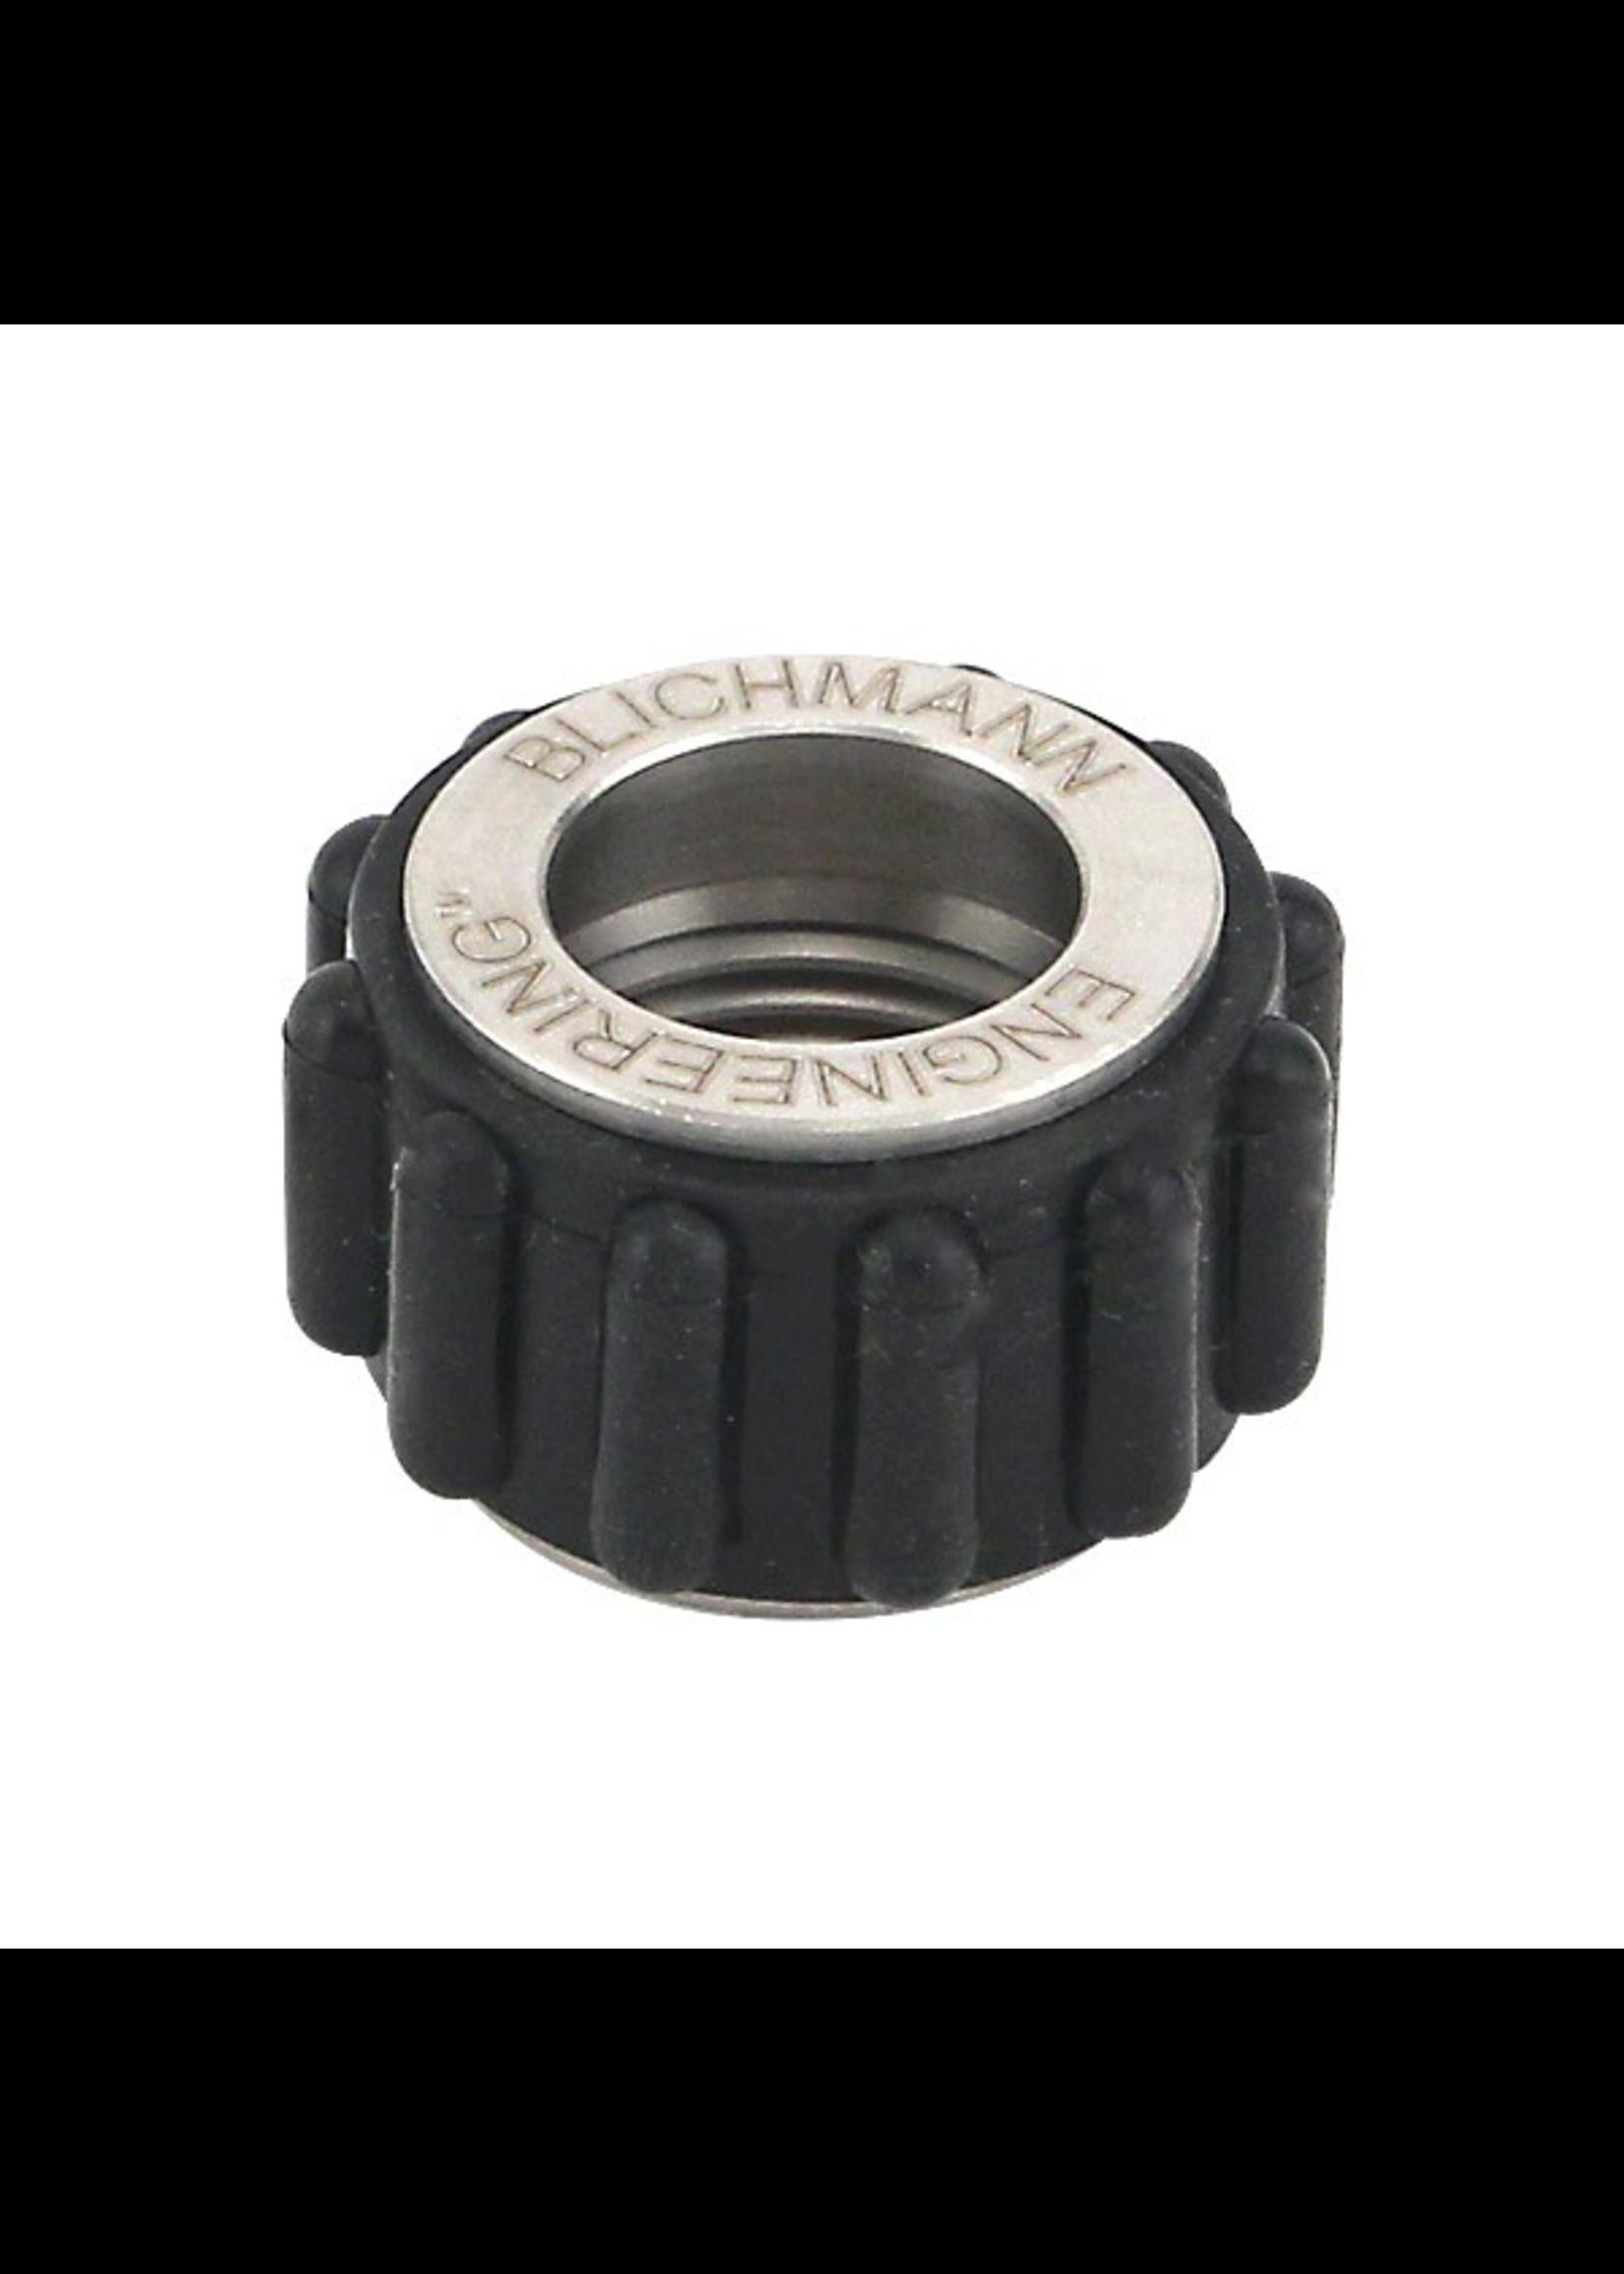 Blichmann Blichmann QuickConnector - Replacement Nut, Grip Style